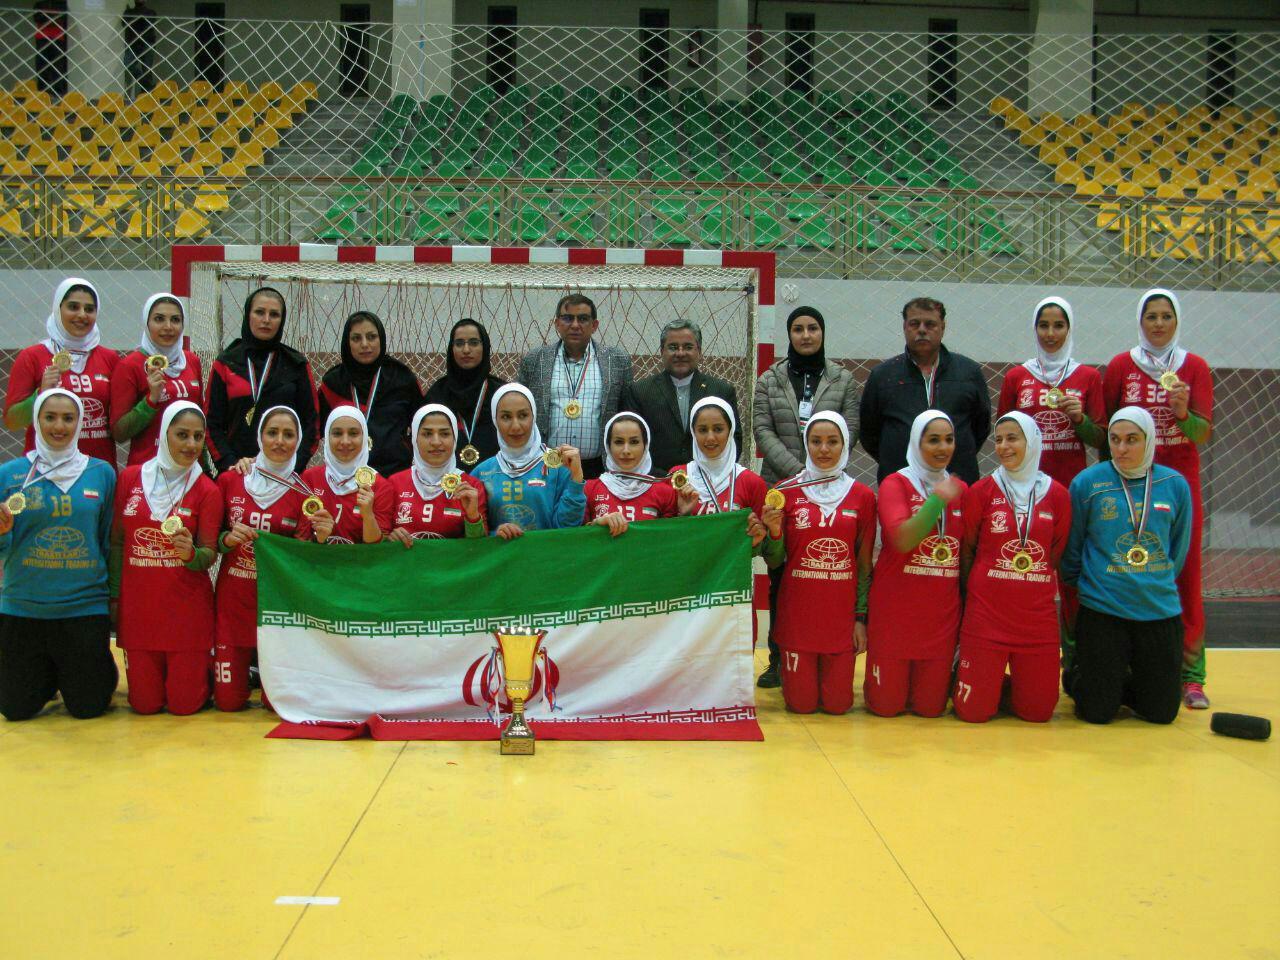 تیم زنان لارستان فارس قهرمان رقابتهای هندبال غرب آسیا شد